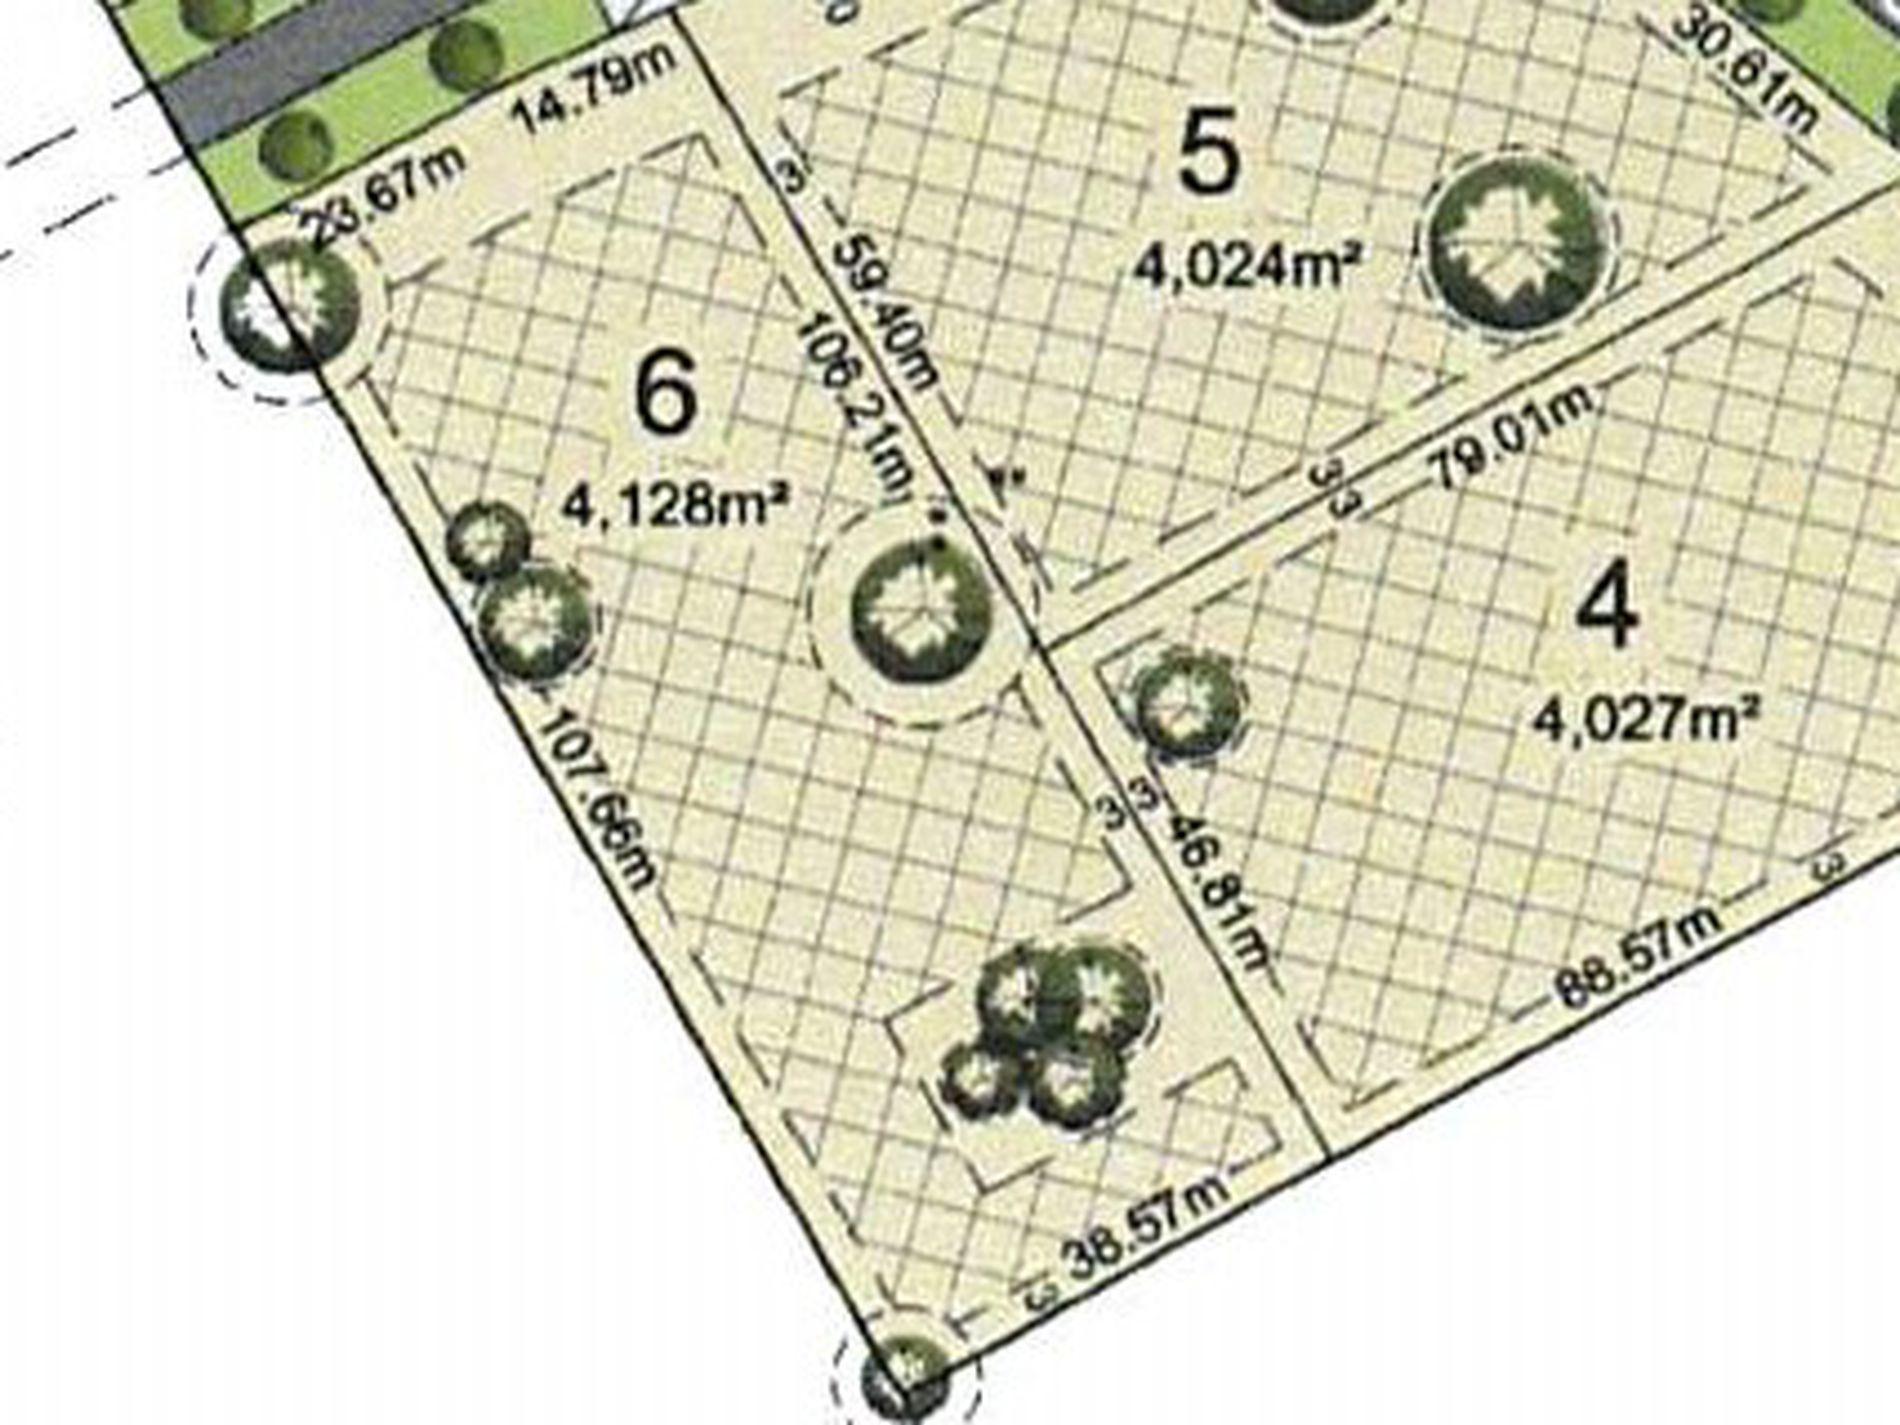 Lot 6, 55 Firbank Dve , Wangaratta